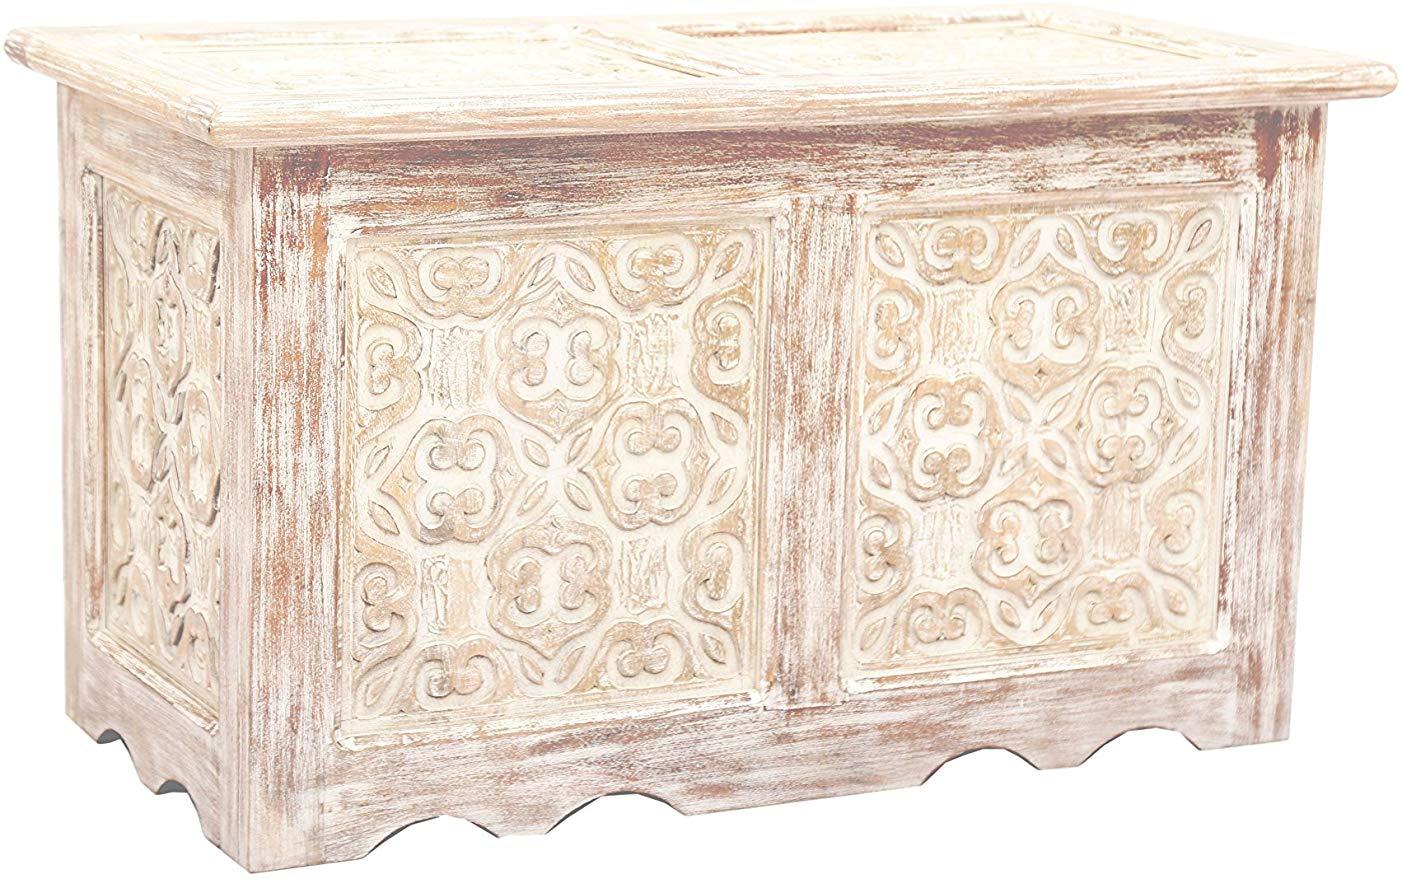 Full Size of Orientalische Truhe Kiste Aus Holz Ceyda 80cm Gro In Wei Schlafzimmer Set Günstig Kommode Komplett Rauch Led Deckenleuchte Mit Lattenrost Und Matratze Schlafzimmer Truhe Schlafzimmer